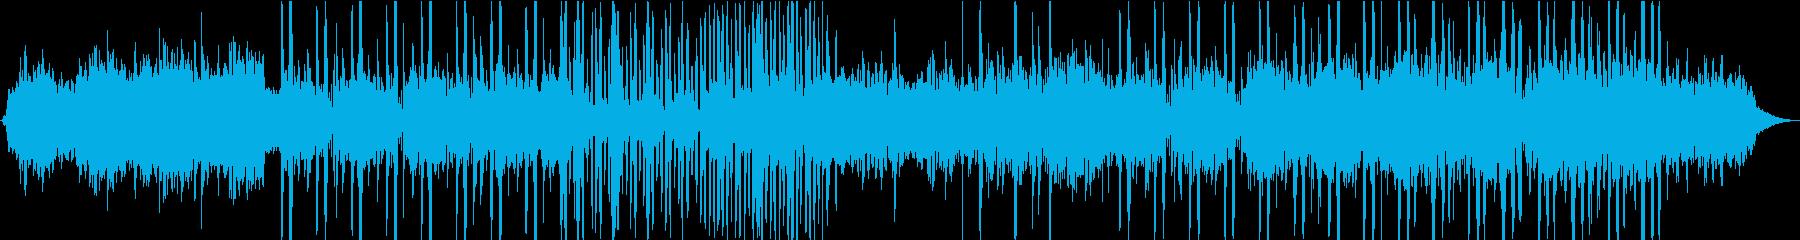 PV】冷たくクールなエレクトロチルの再生済みの波形